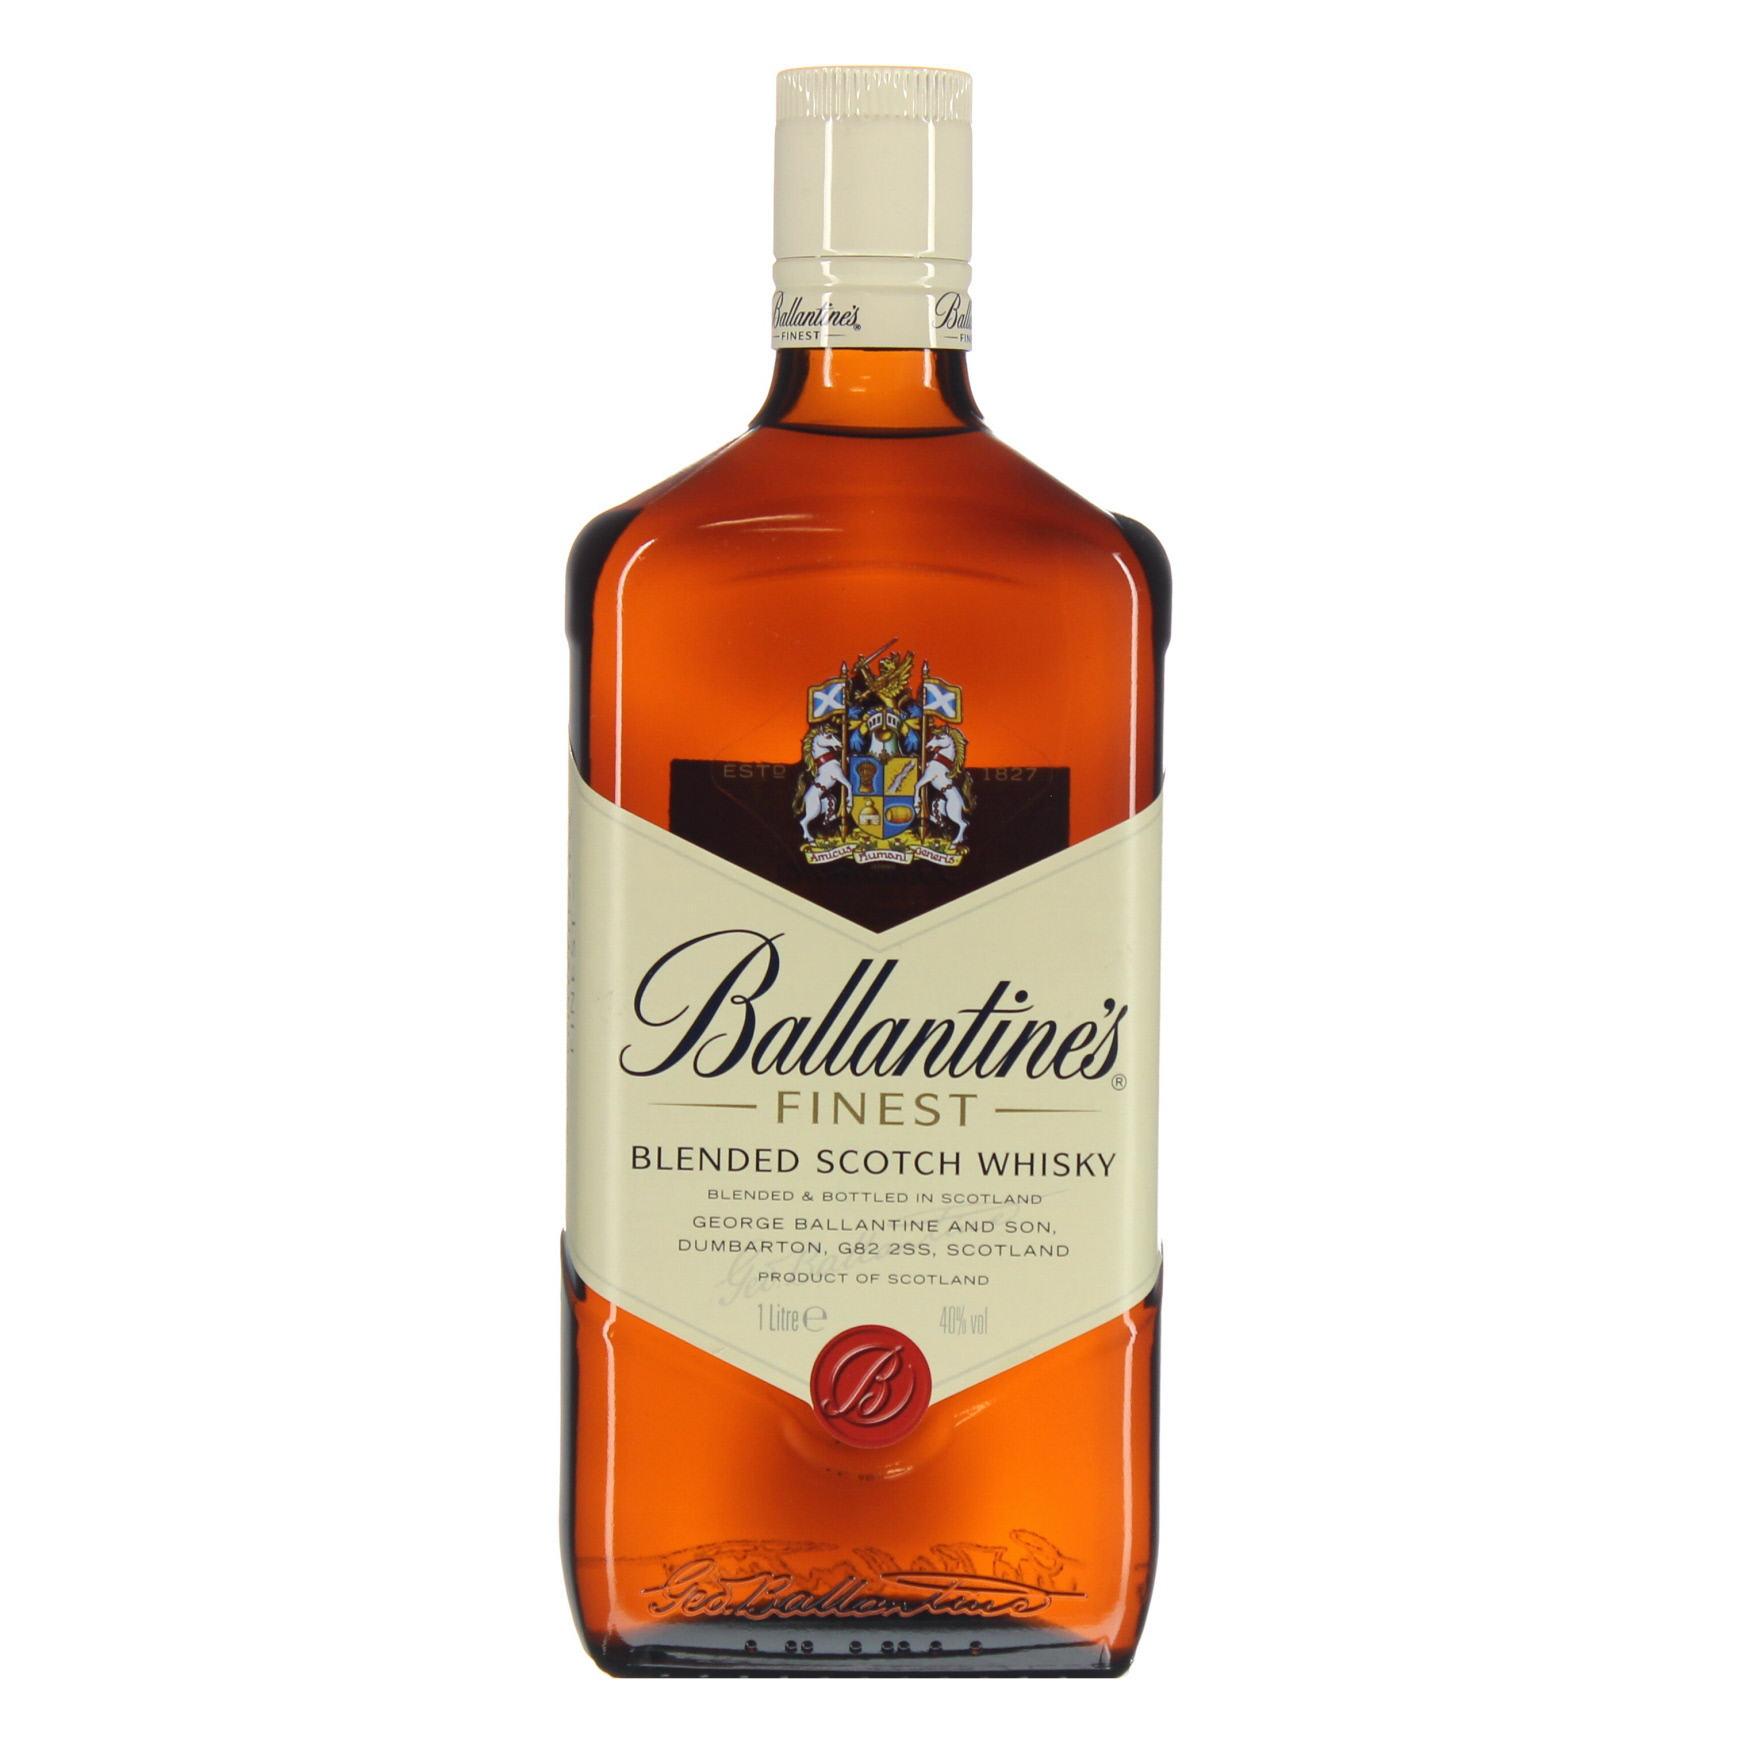 Højmoderne Ballantines Finest whisky - Grænsehandel til billige priser CK-49